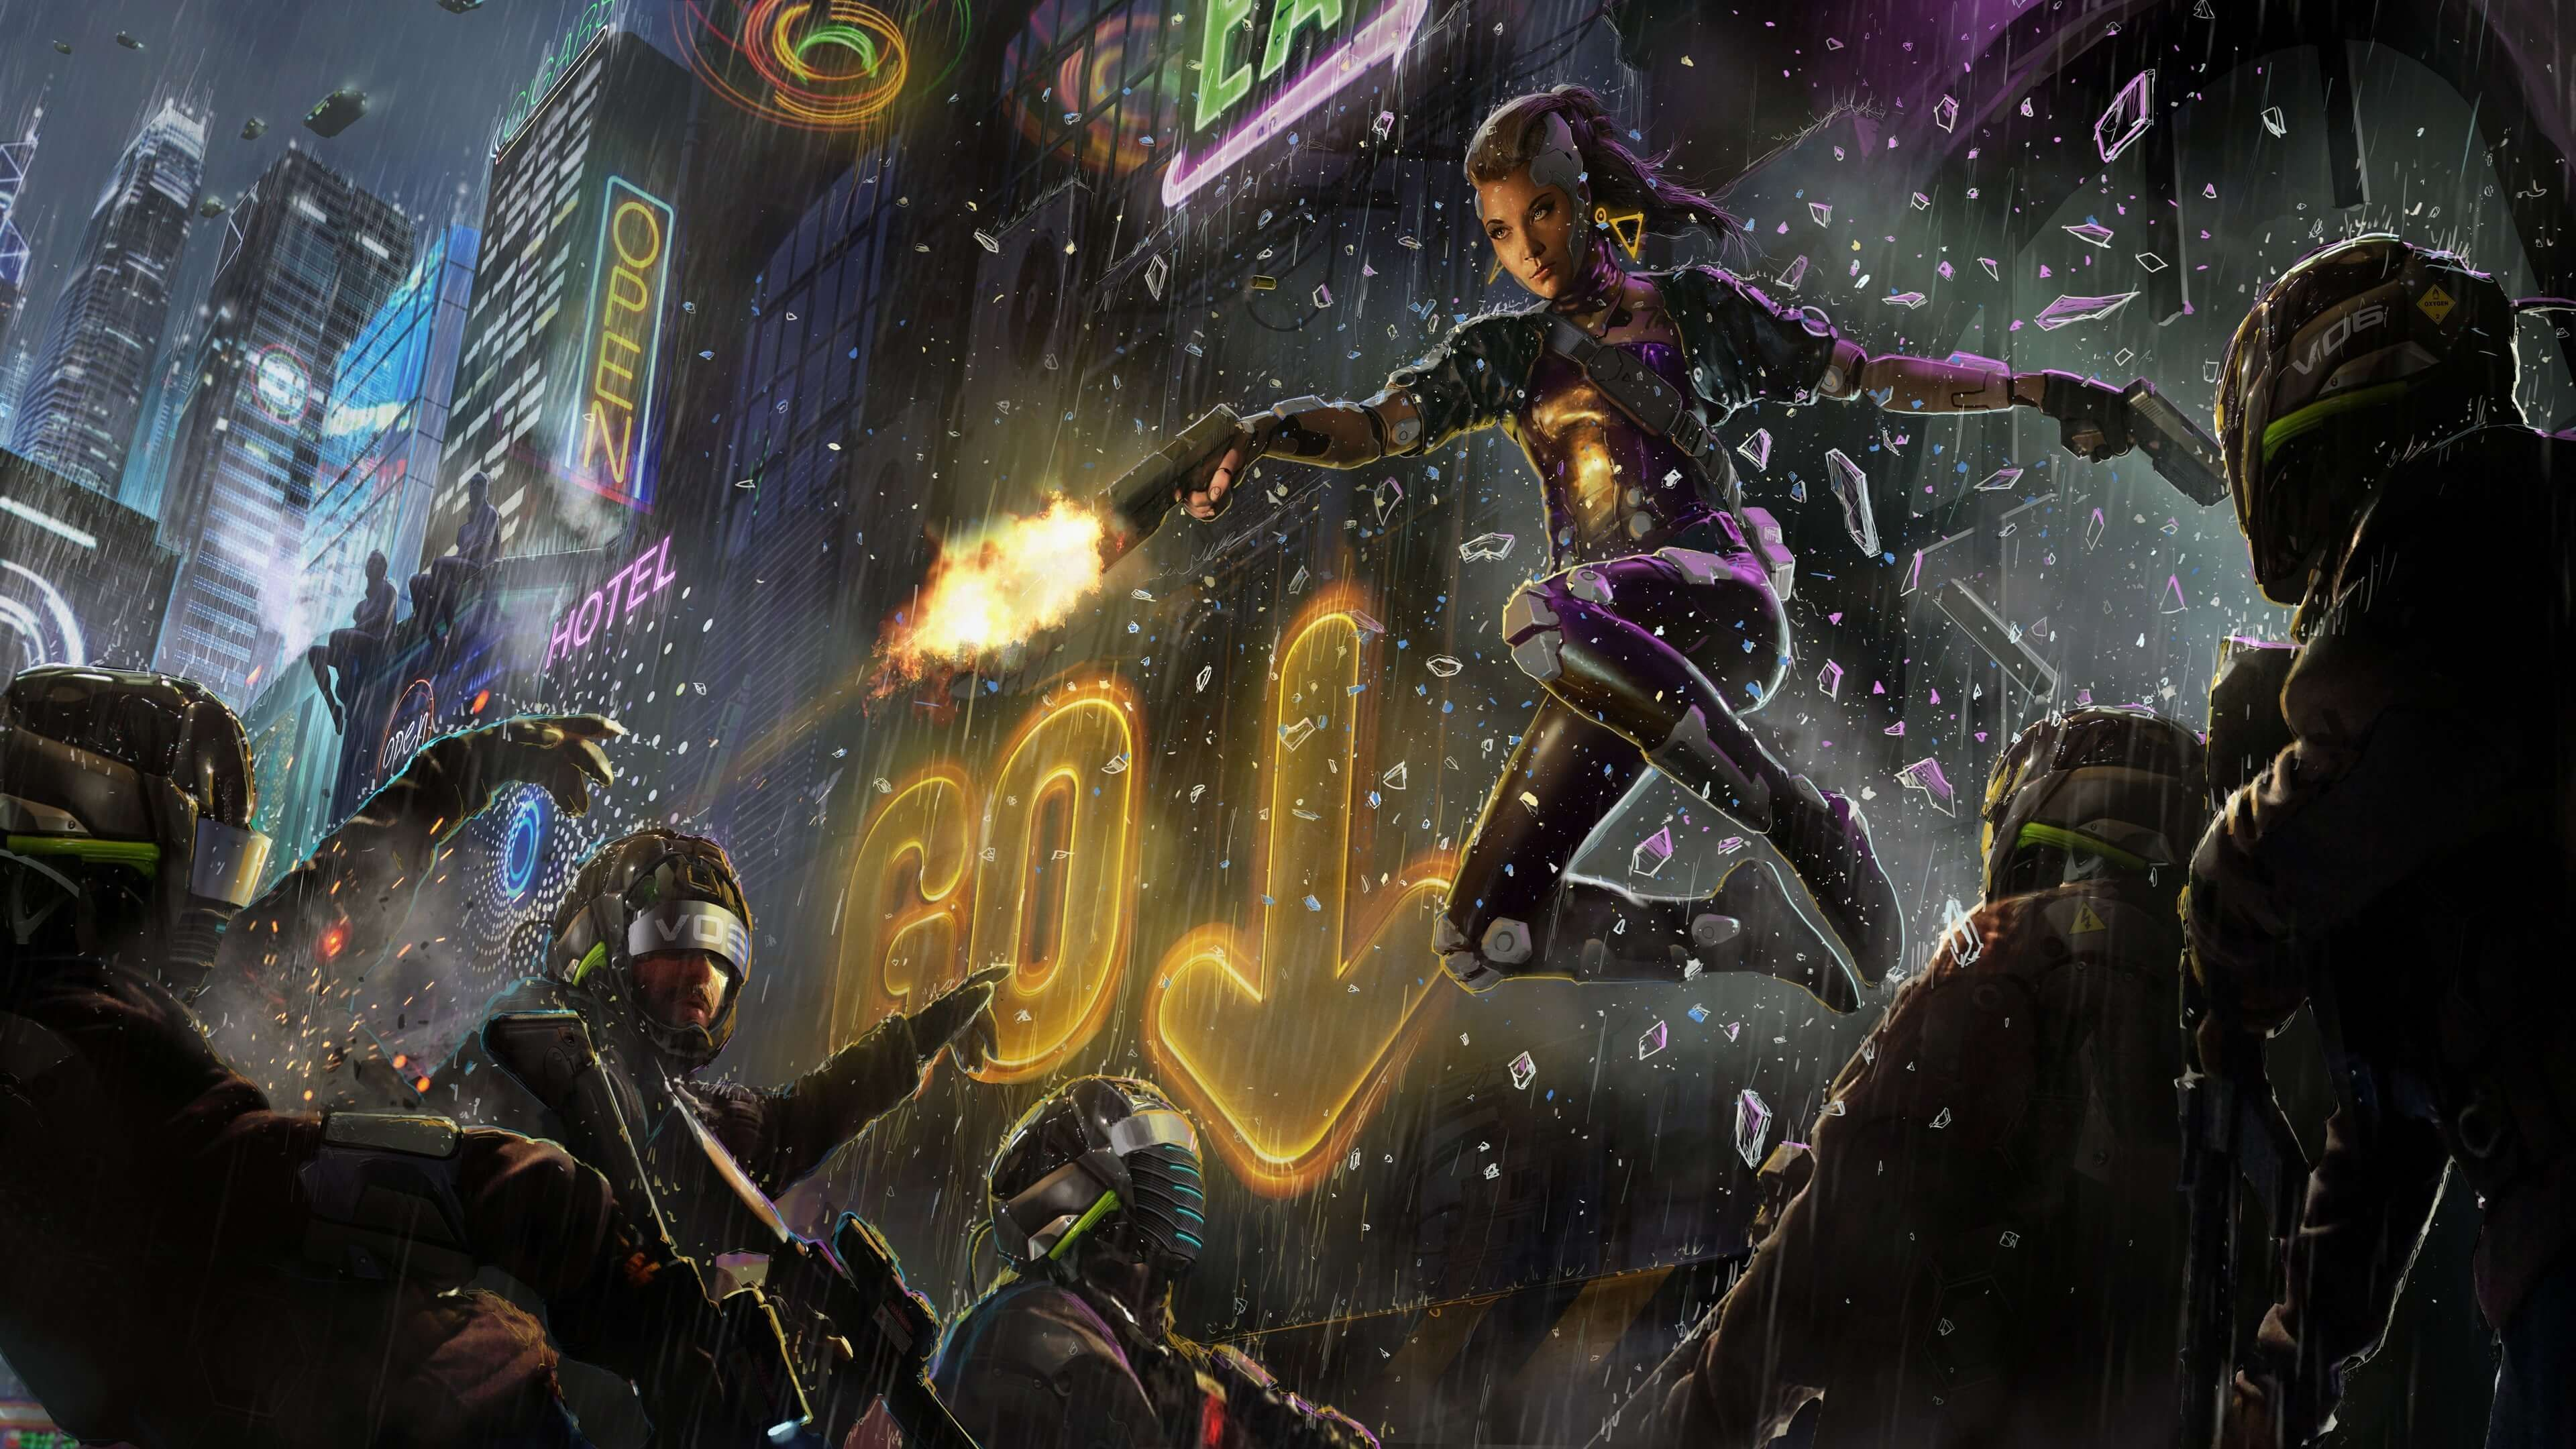 cyberpunk 2077 wide wallpaper 68939